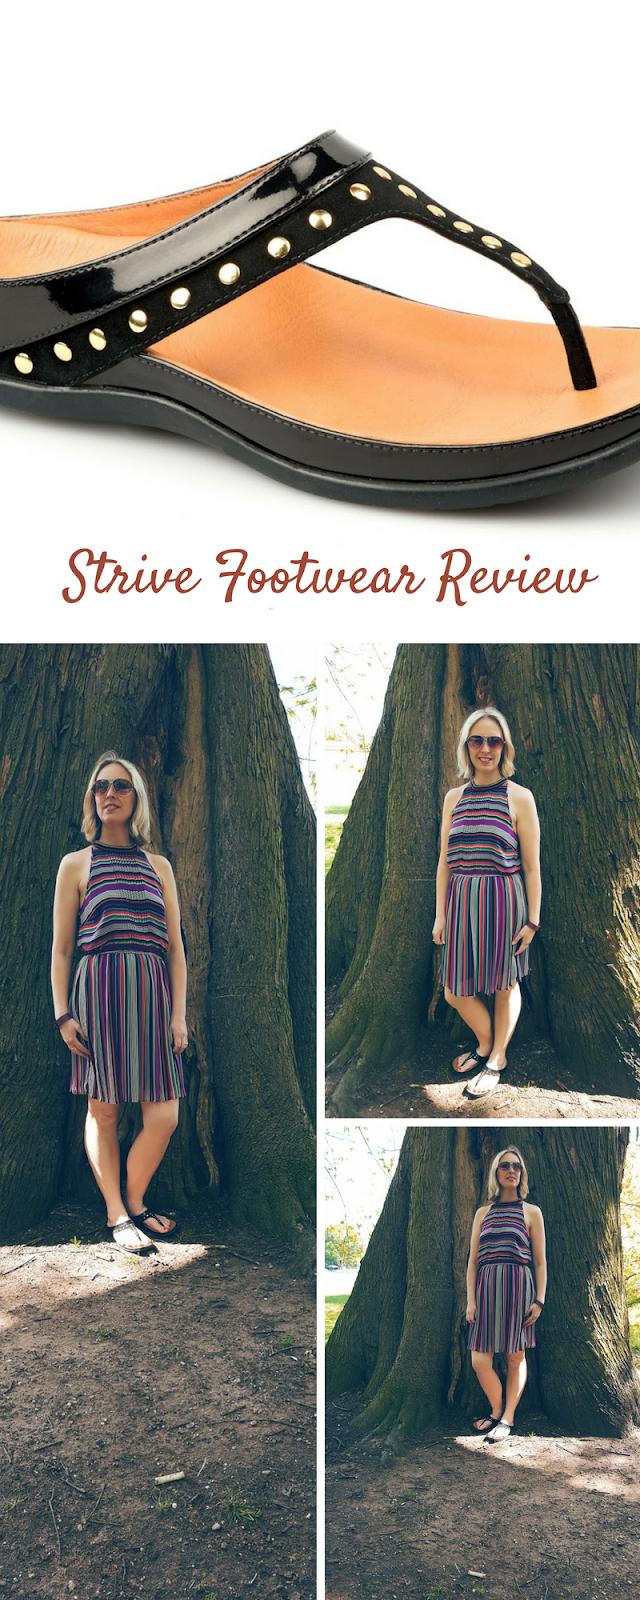 Strive Footwear Review